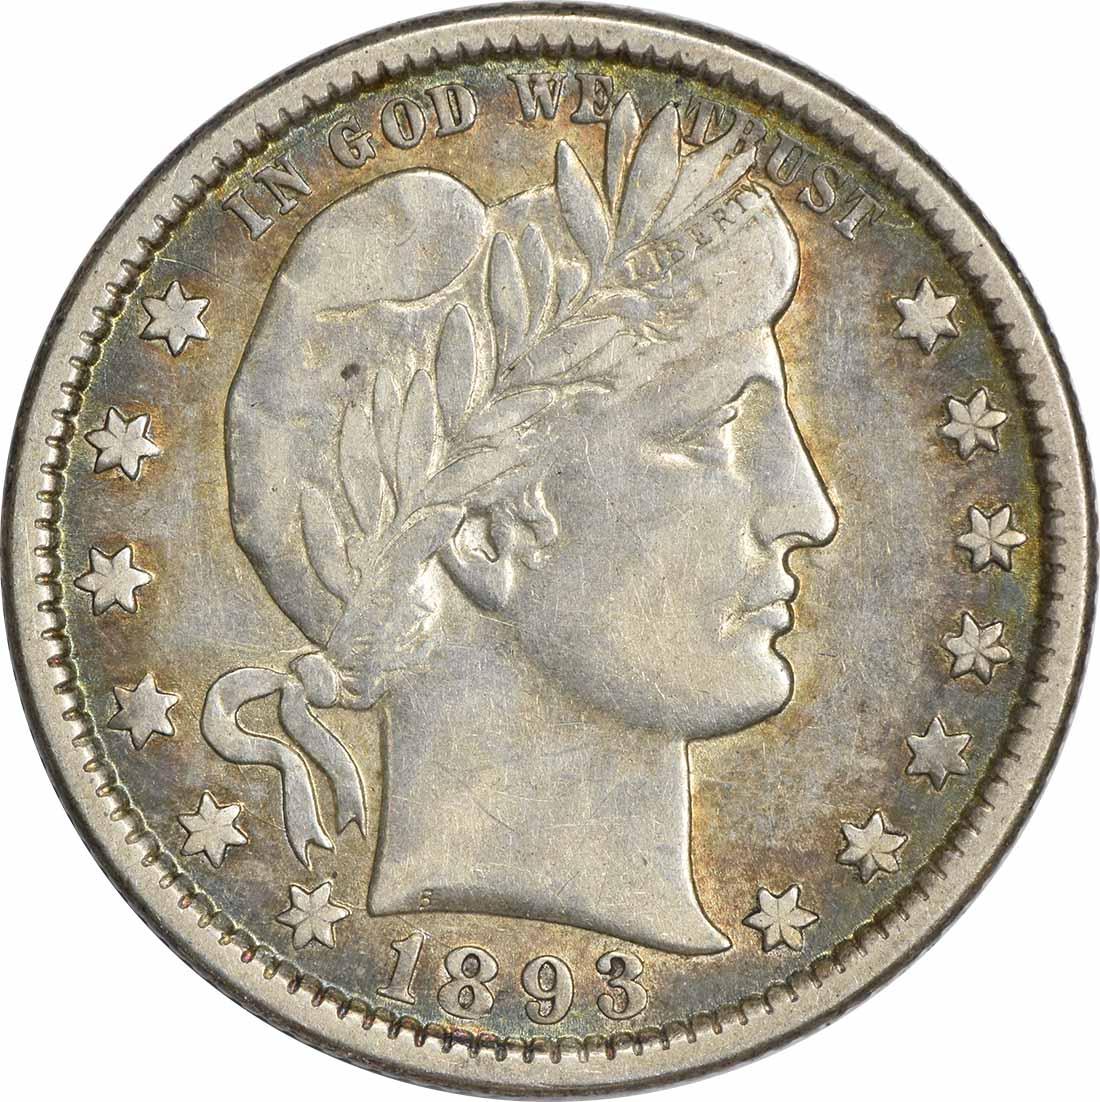 1893-O Barber Silver Quarter EF Uncertified